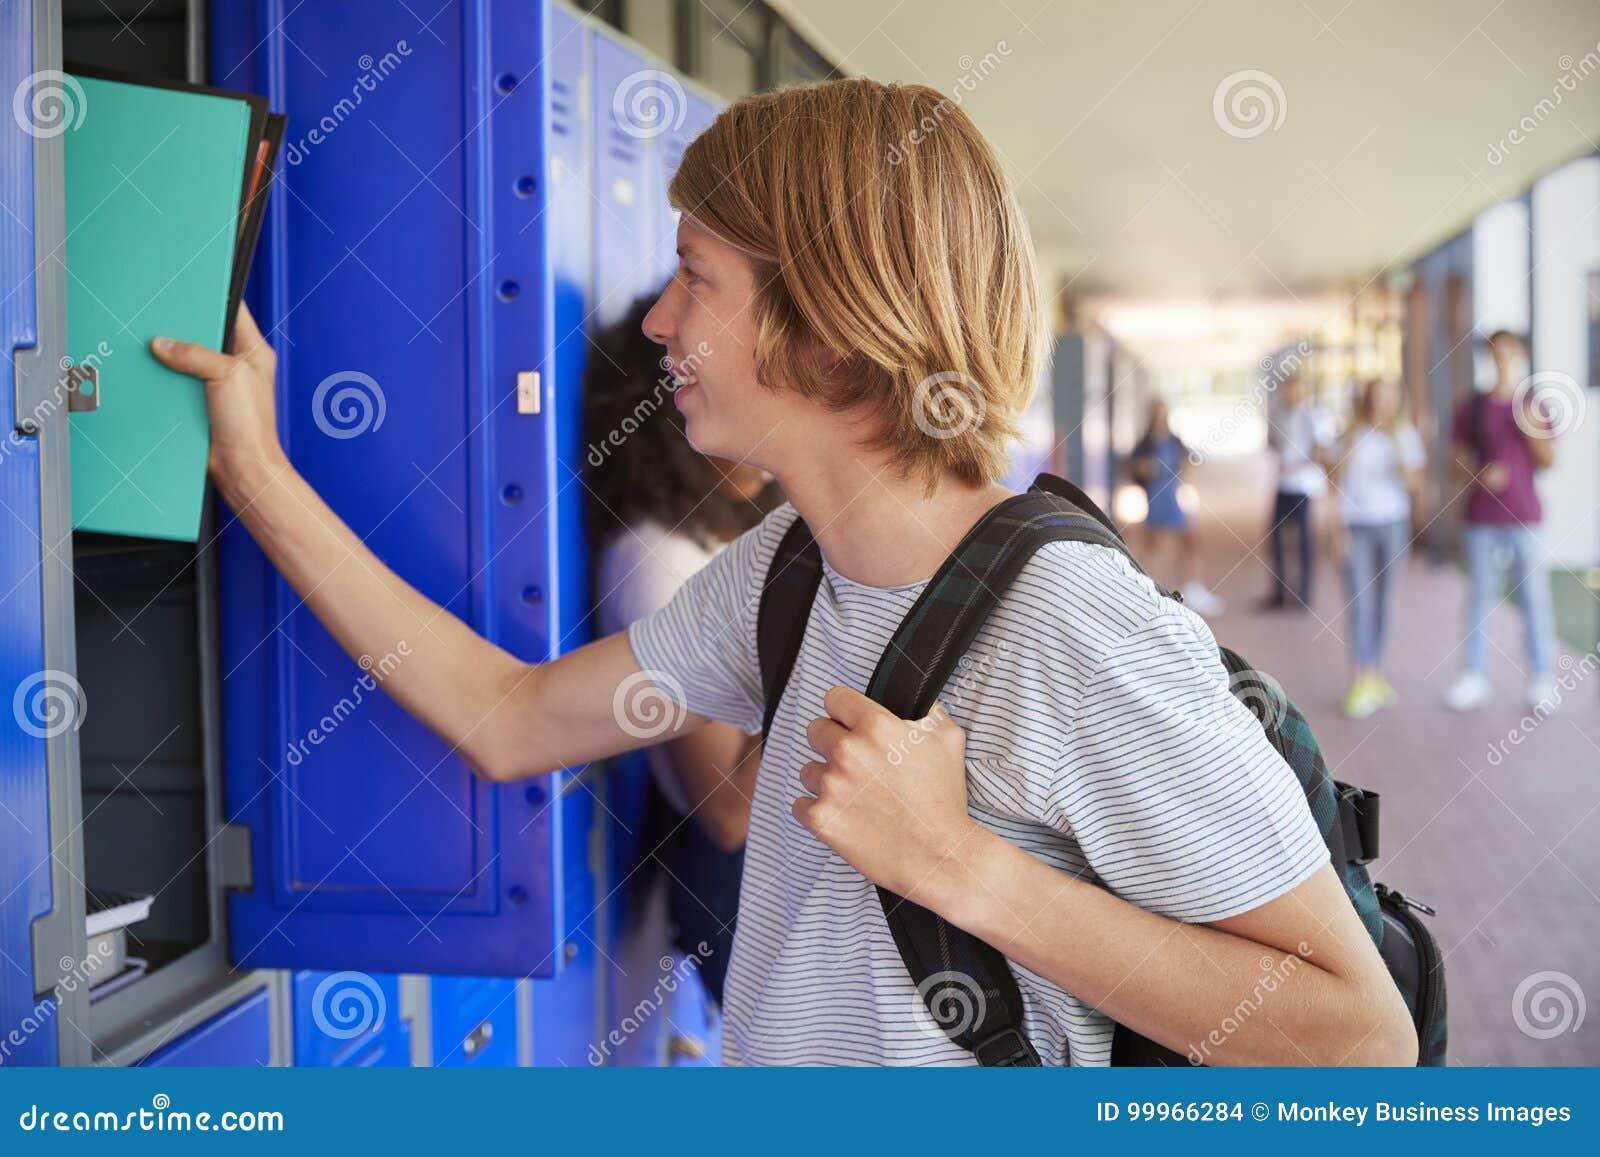 Biała nastoletnia uczniowska używa szafka w szkolnym korytarzu